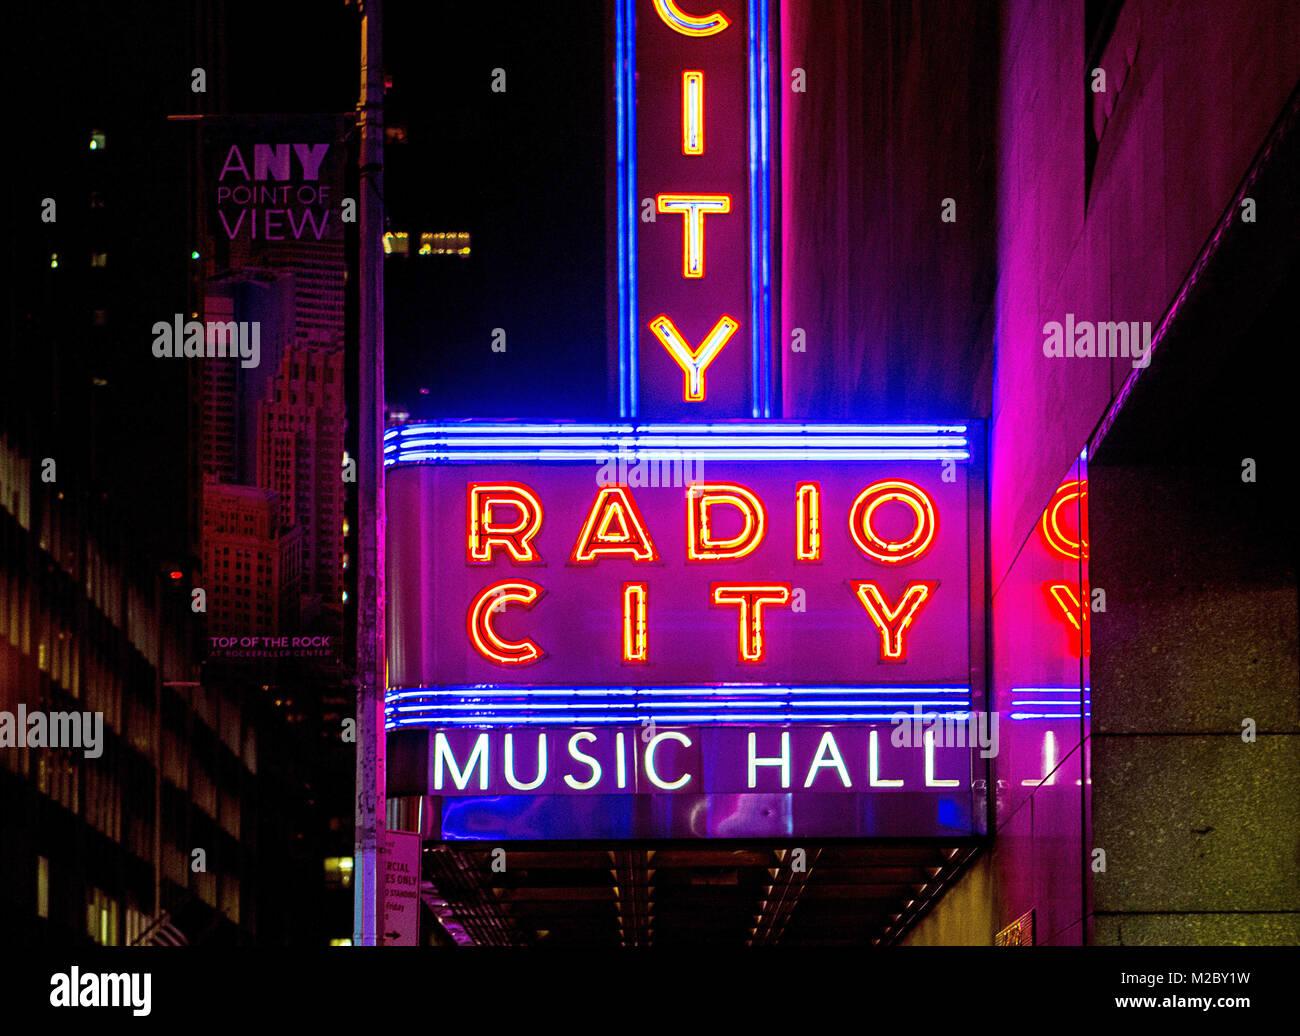 Fuera de las luces de neón del Radio City Music Hall de Nueva York, EE.UU. Imagen De Stock